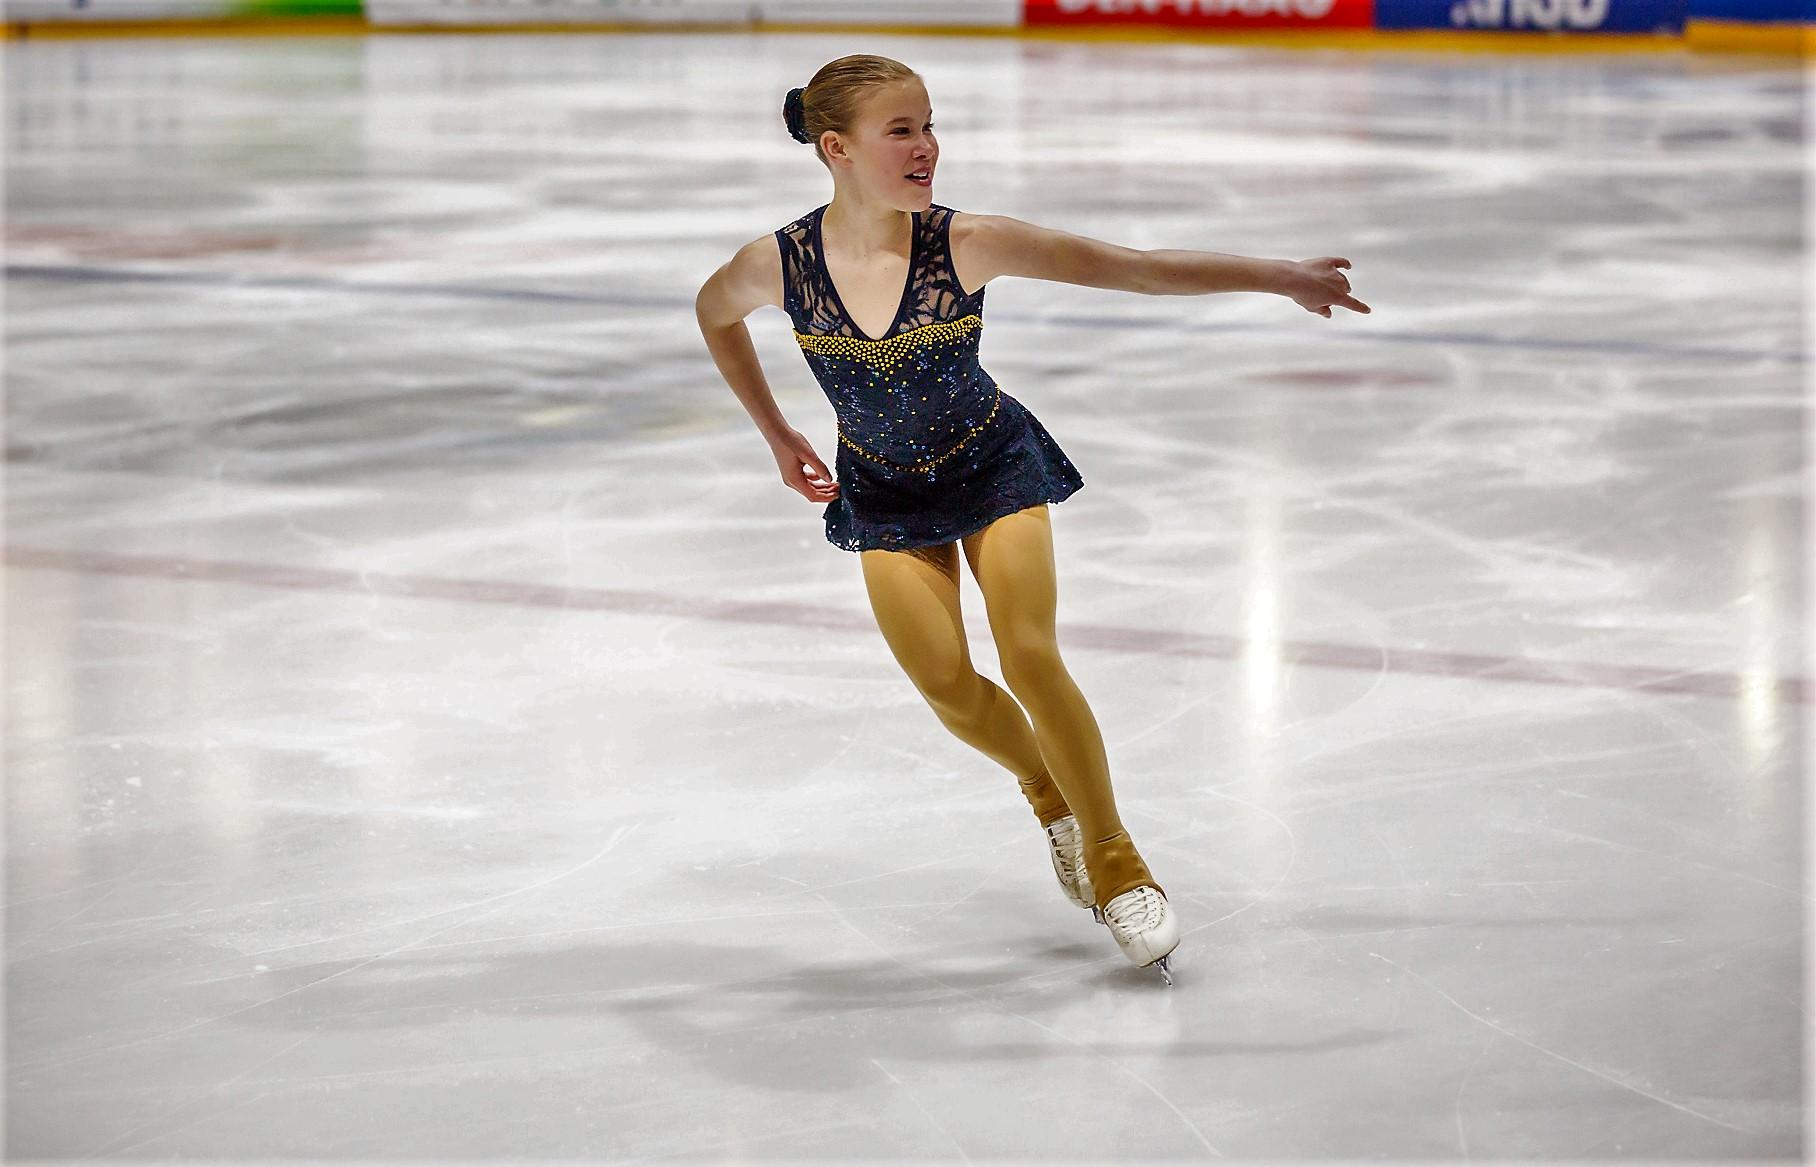 Julia van Dijk_NK2018 (1)